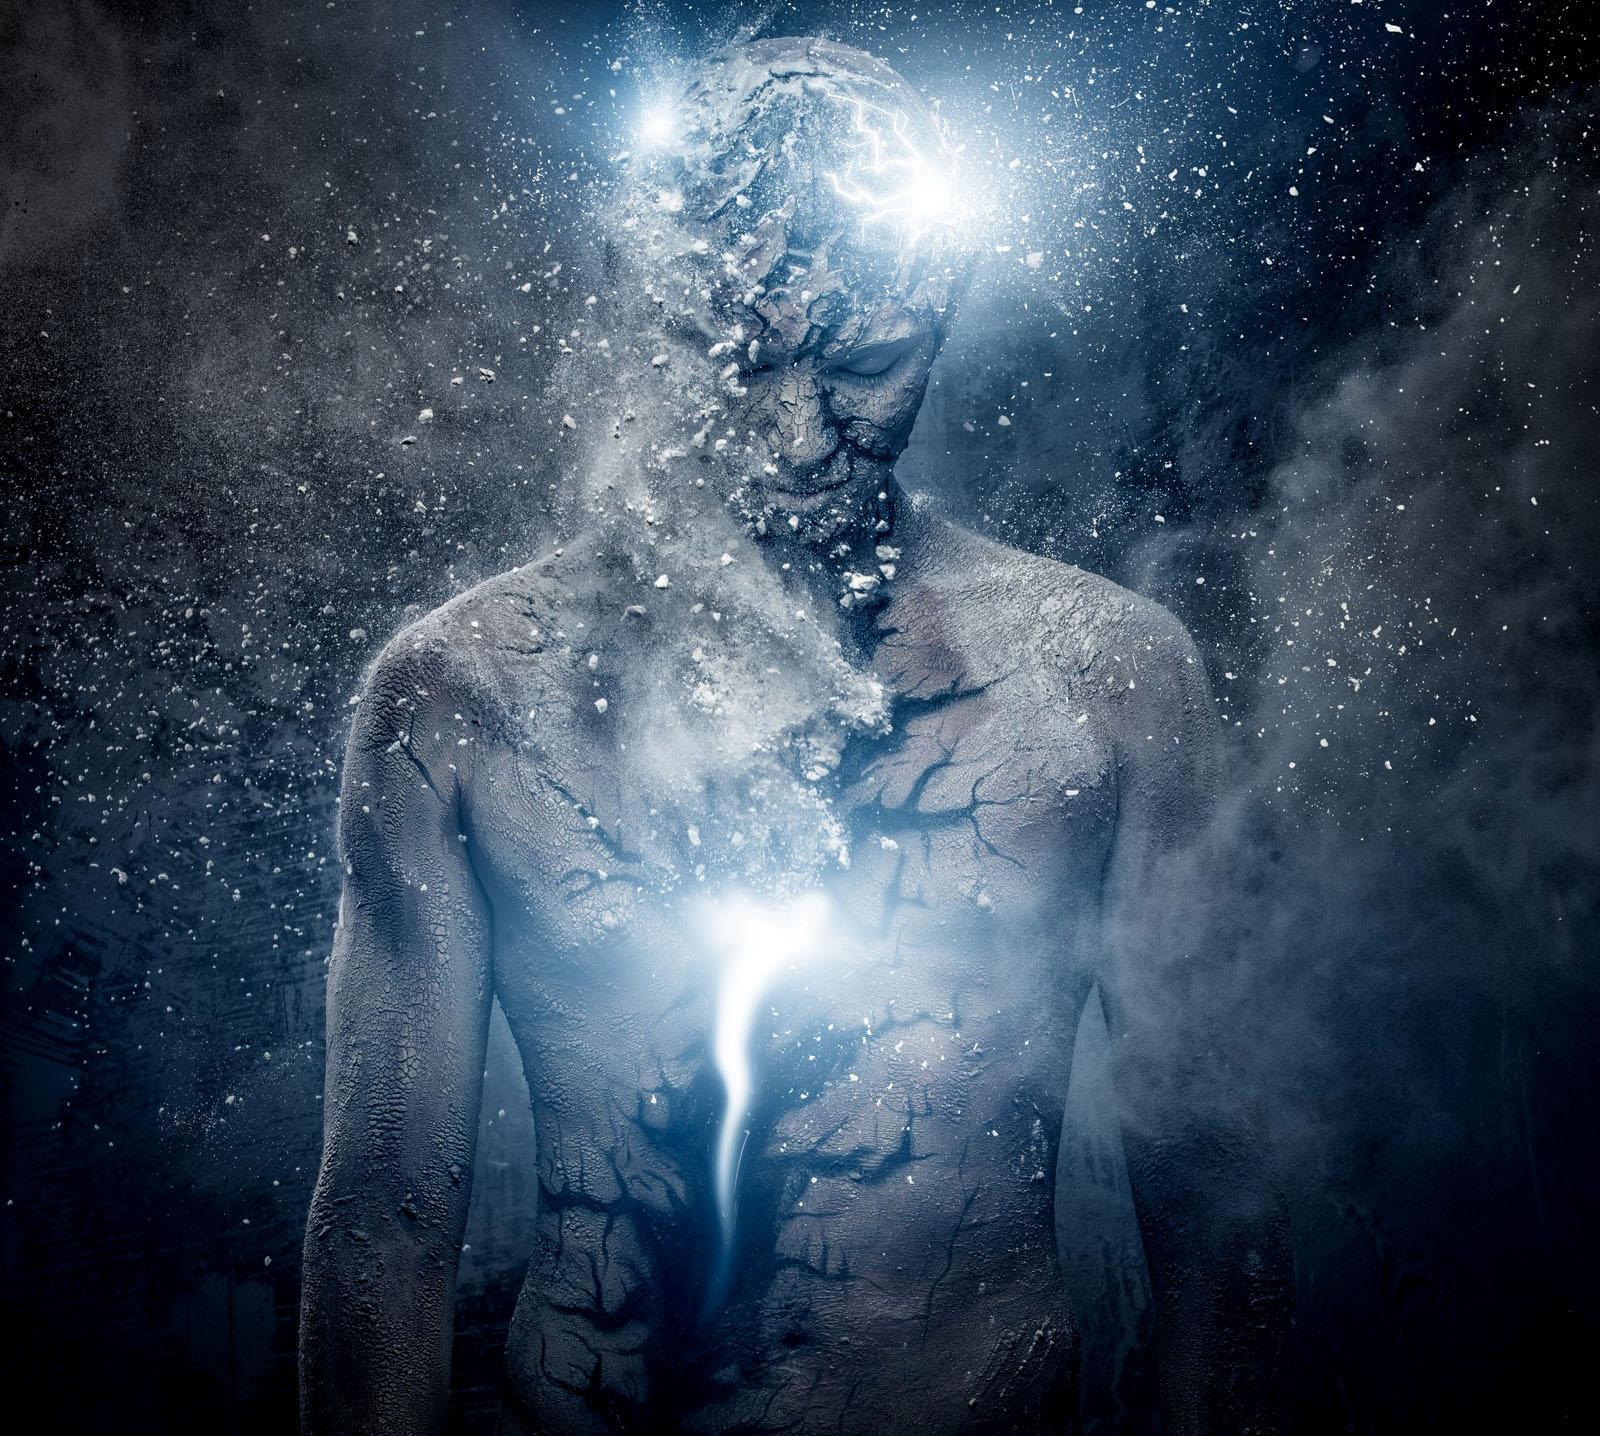 10 ნახვრეტი სულში, საიდანაც მთელ სასიცოცხლო ენერგიას ვკარგავთ